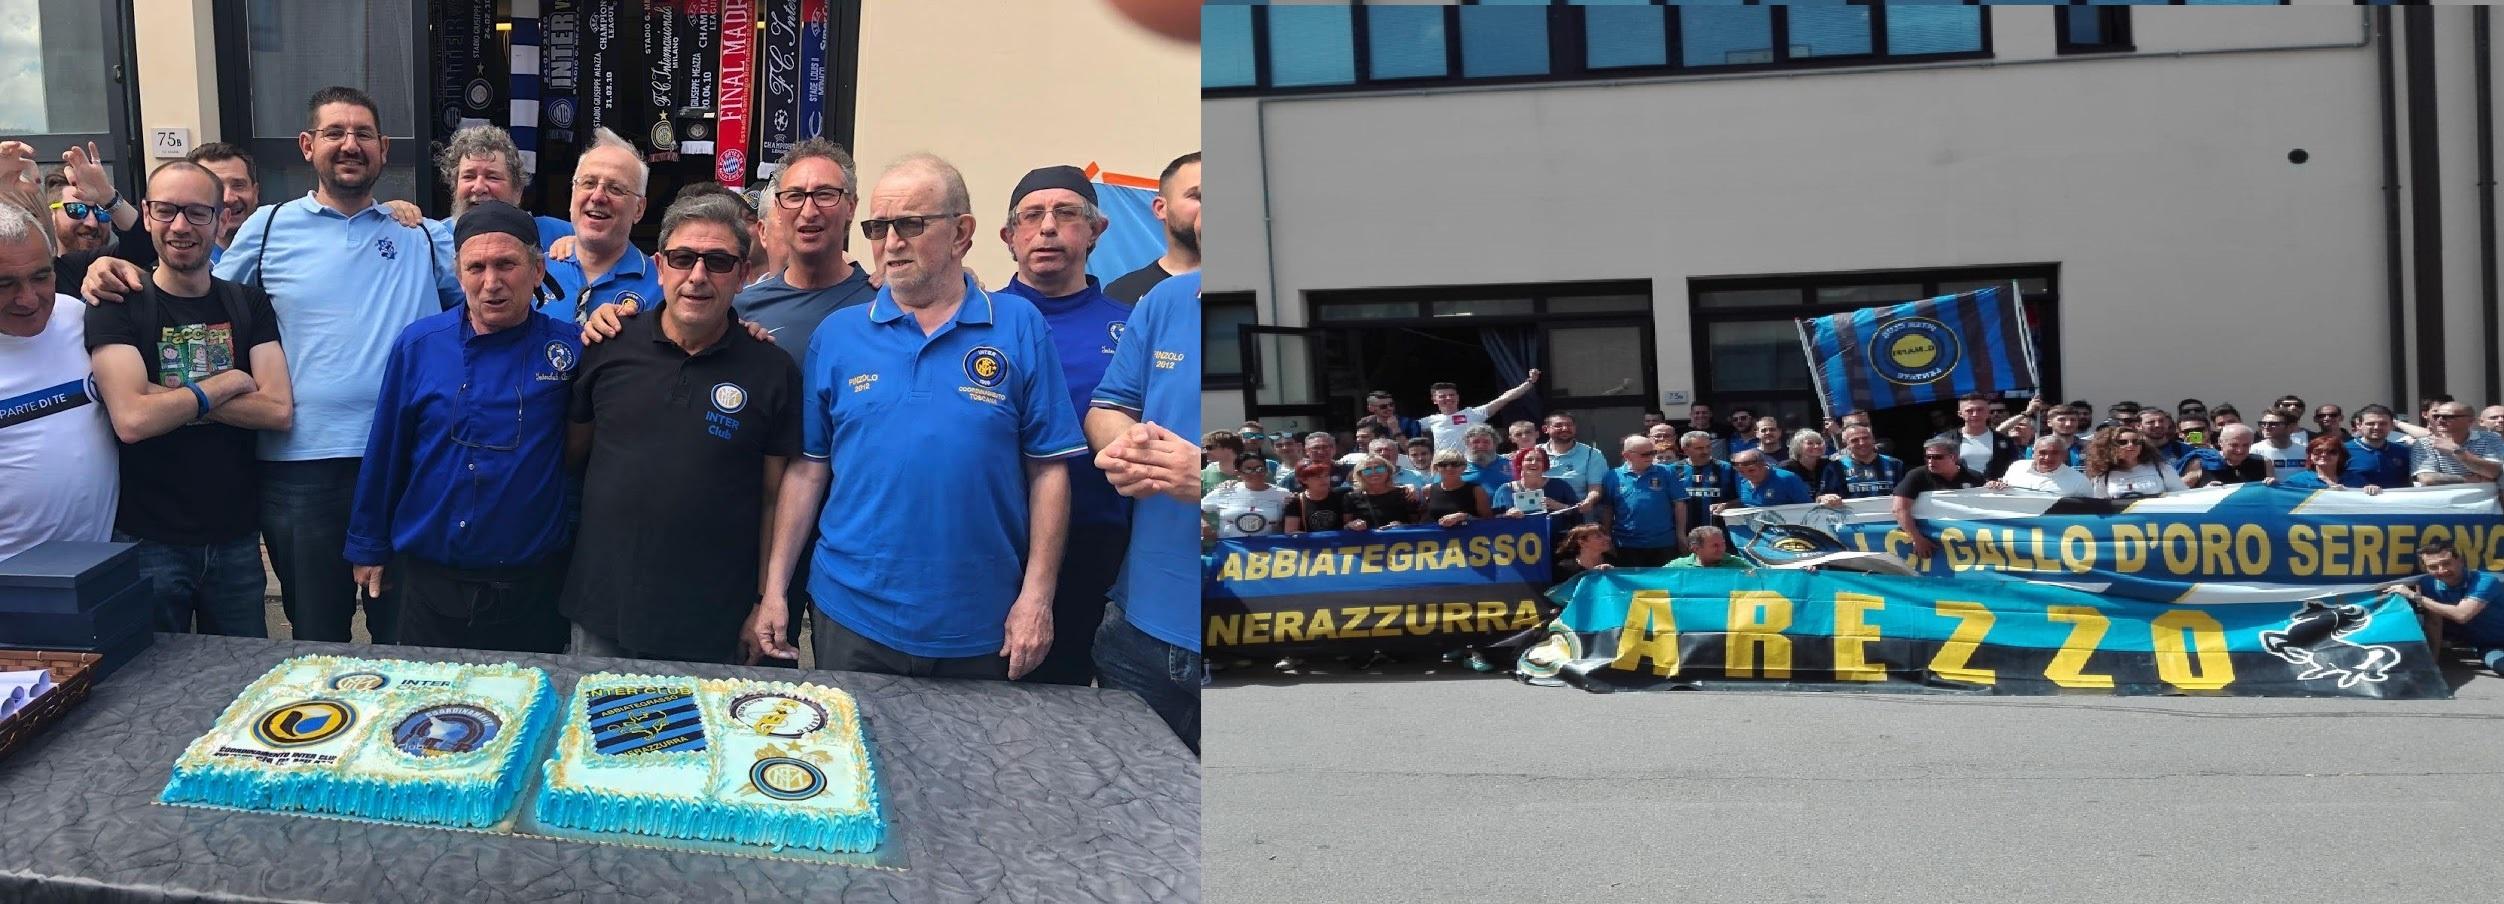 Trasferta roma (Lazio – Inter ) organizzata dal coordinamento Provincia di Milano e il coordinamento Toscano